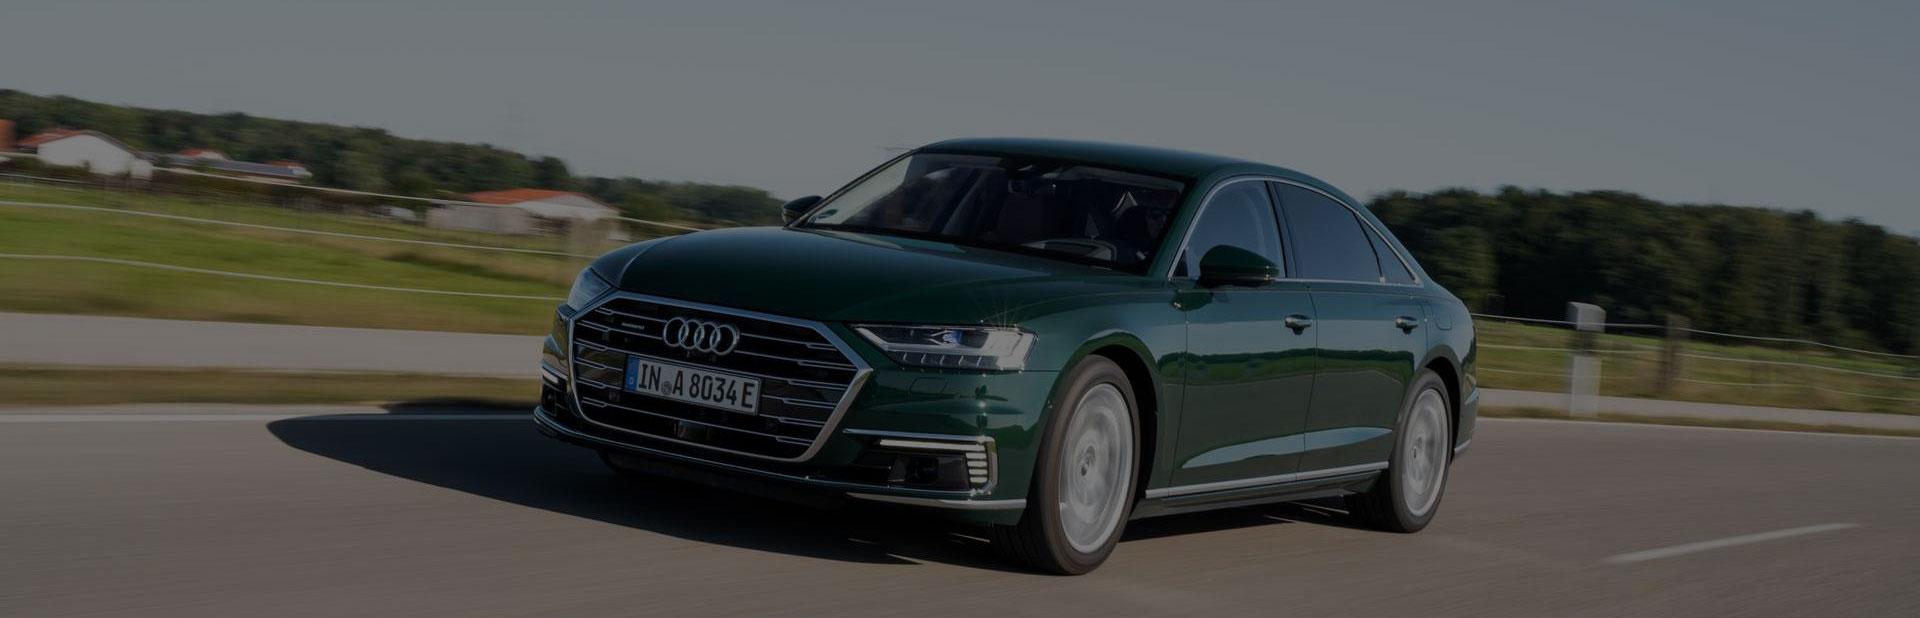 Érkezik a hibrid Audi A8